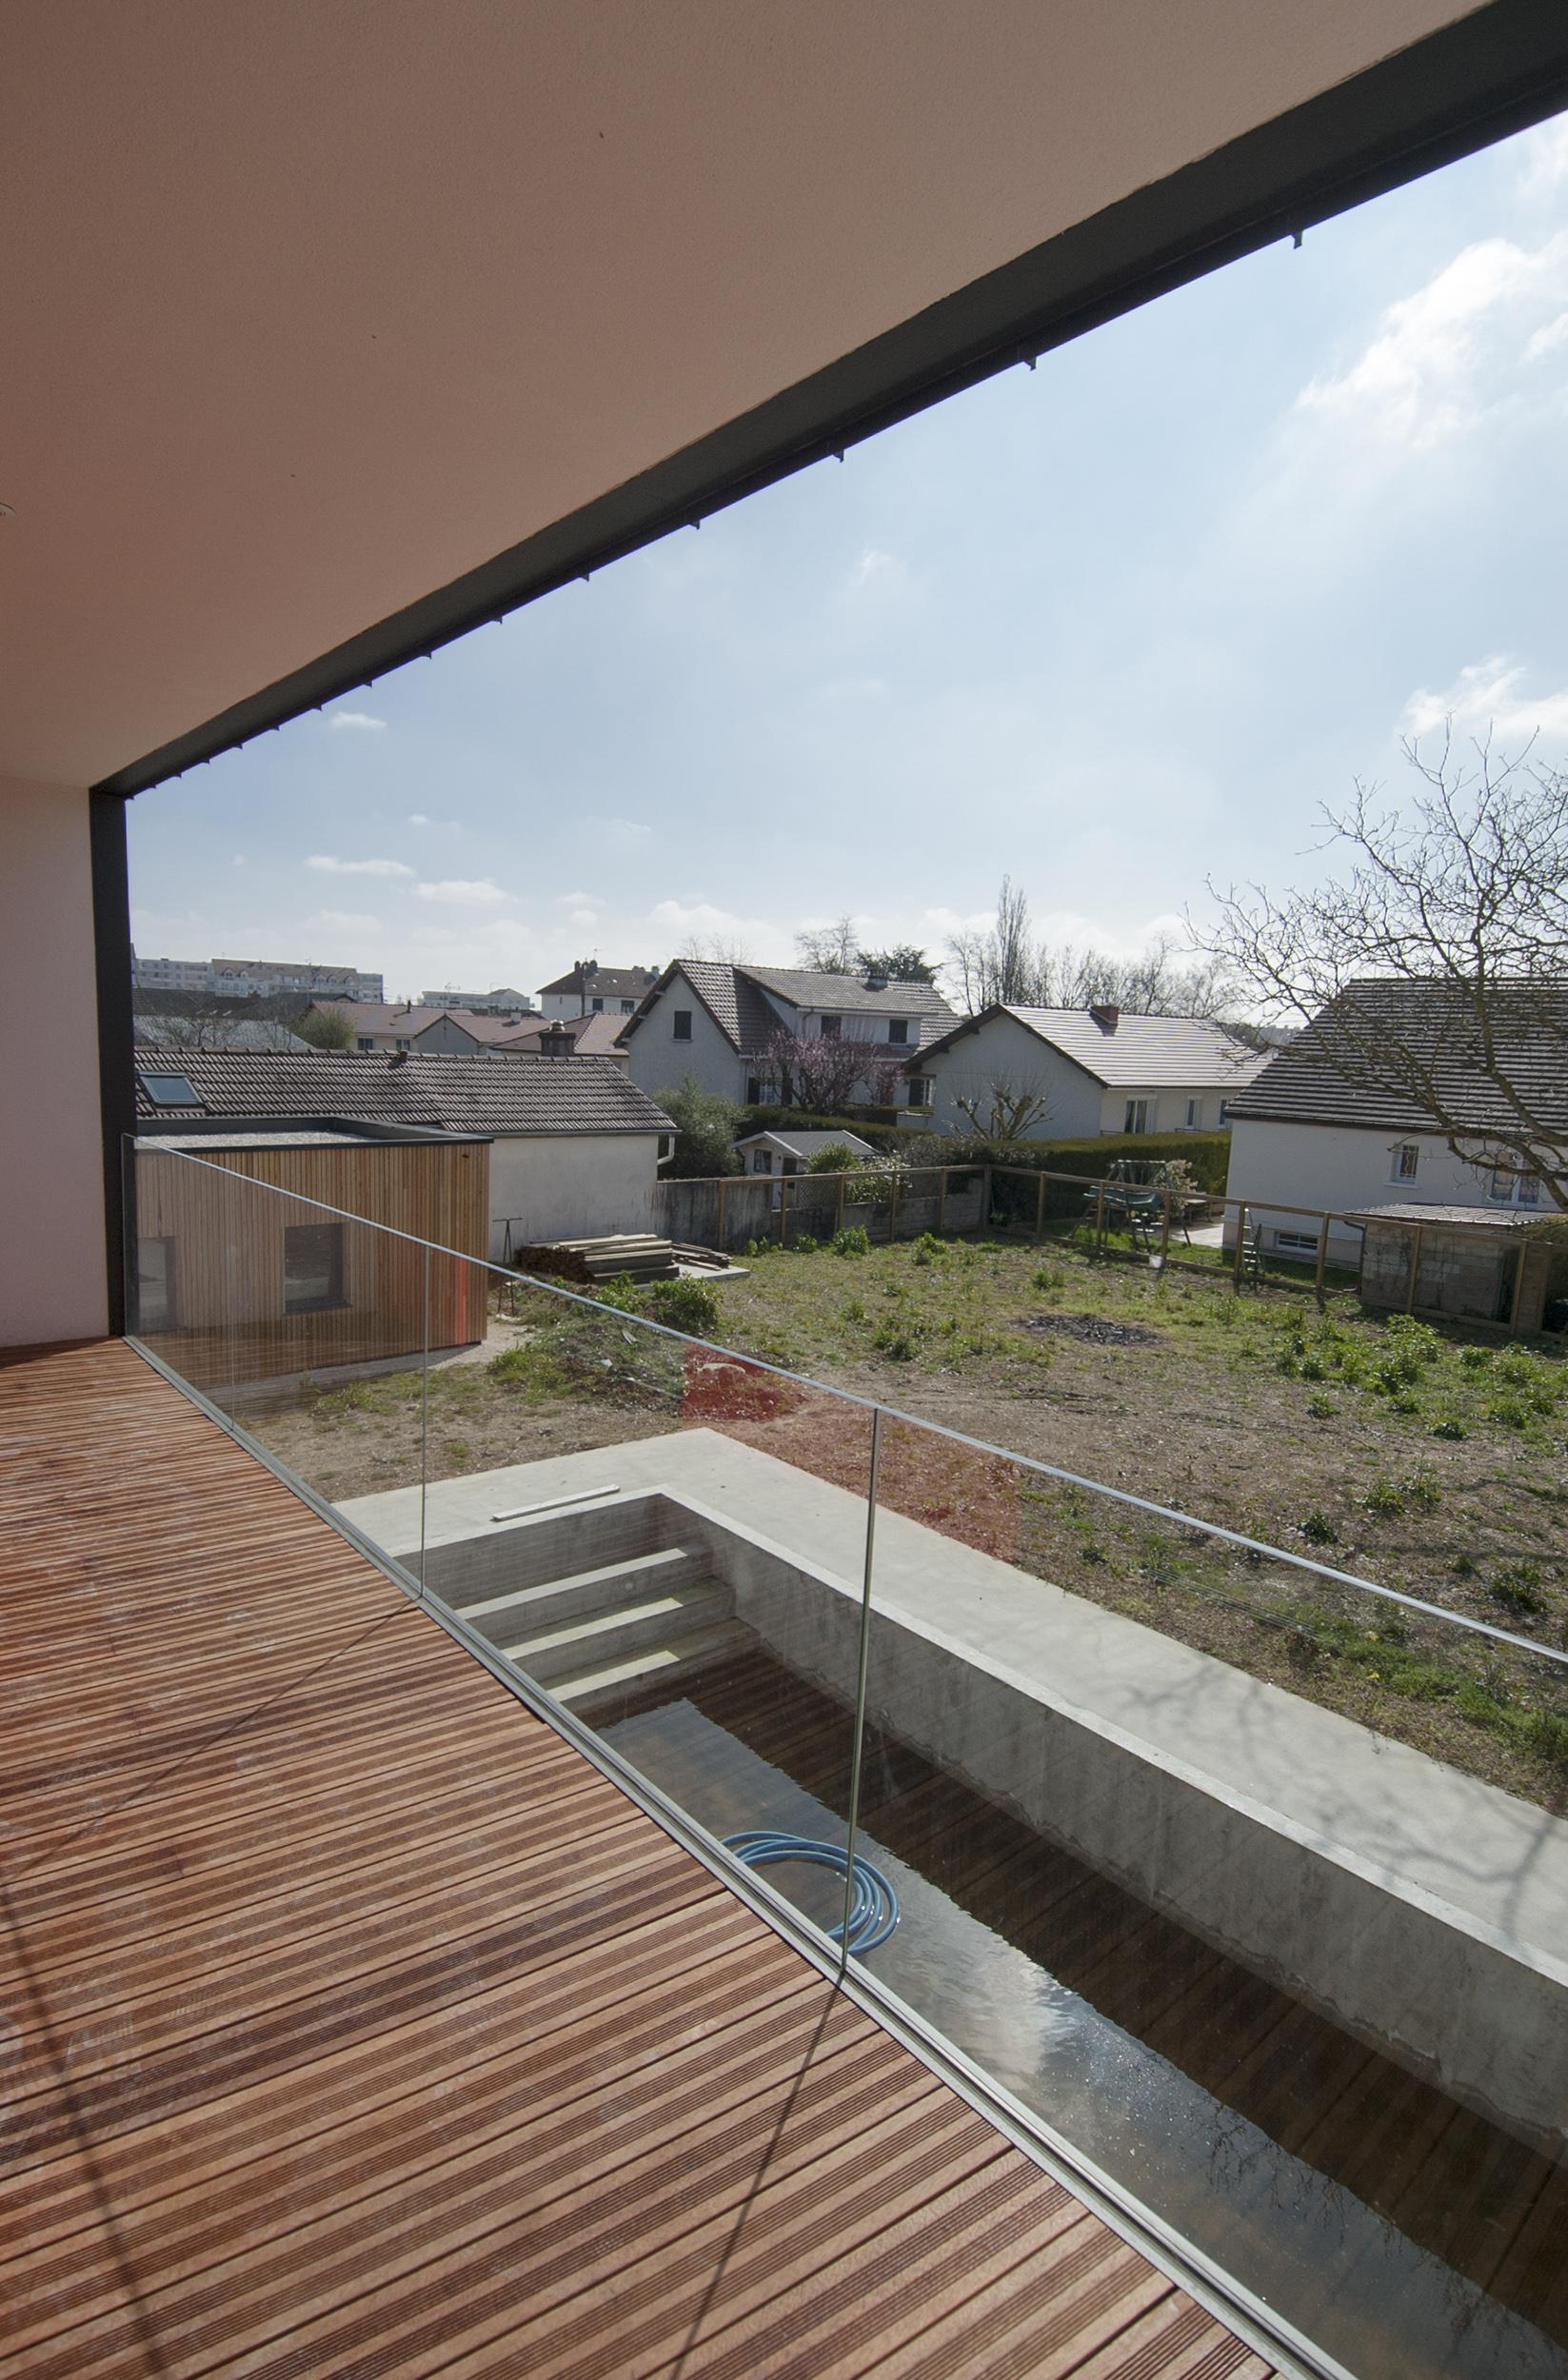 Chouette architecture - Villa Dijon - 2500 24